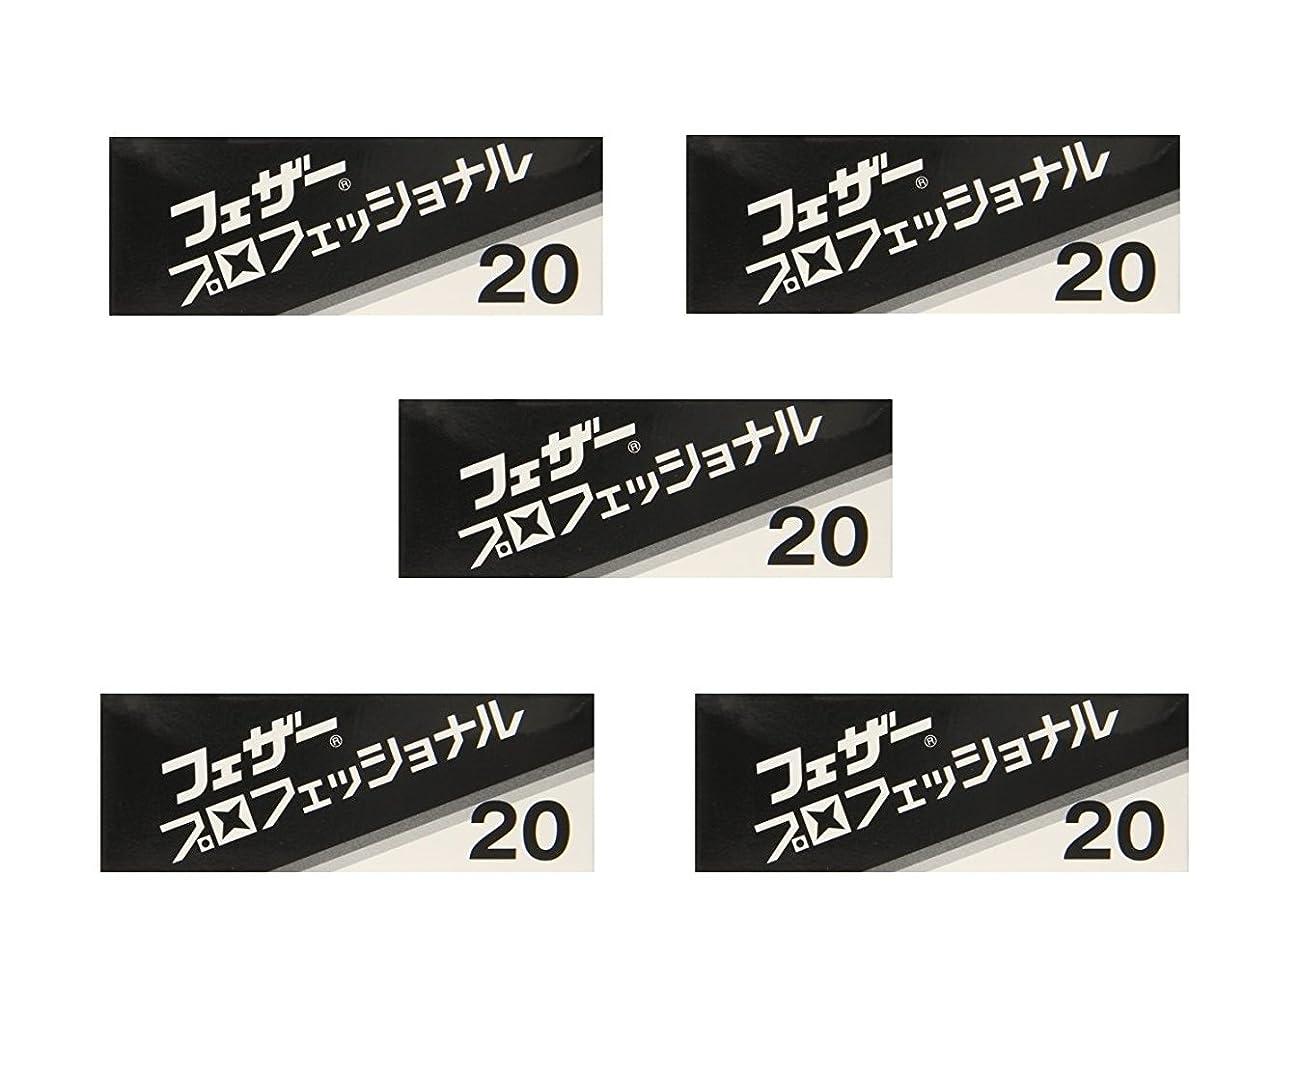 まつげましい台無しに【5個セット】フェザープロフェッショナルブレイド 20枚入 PB-20